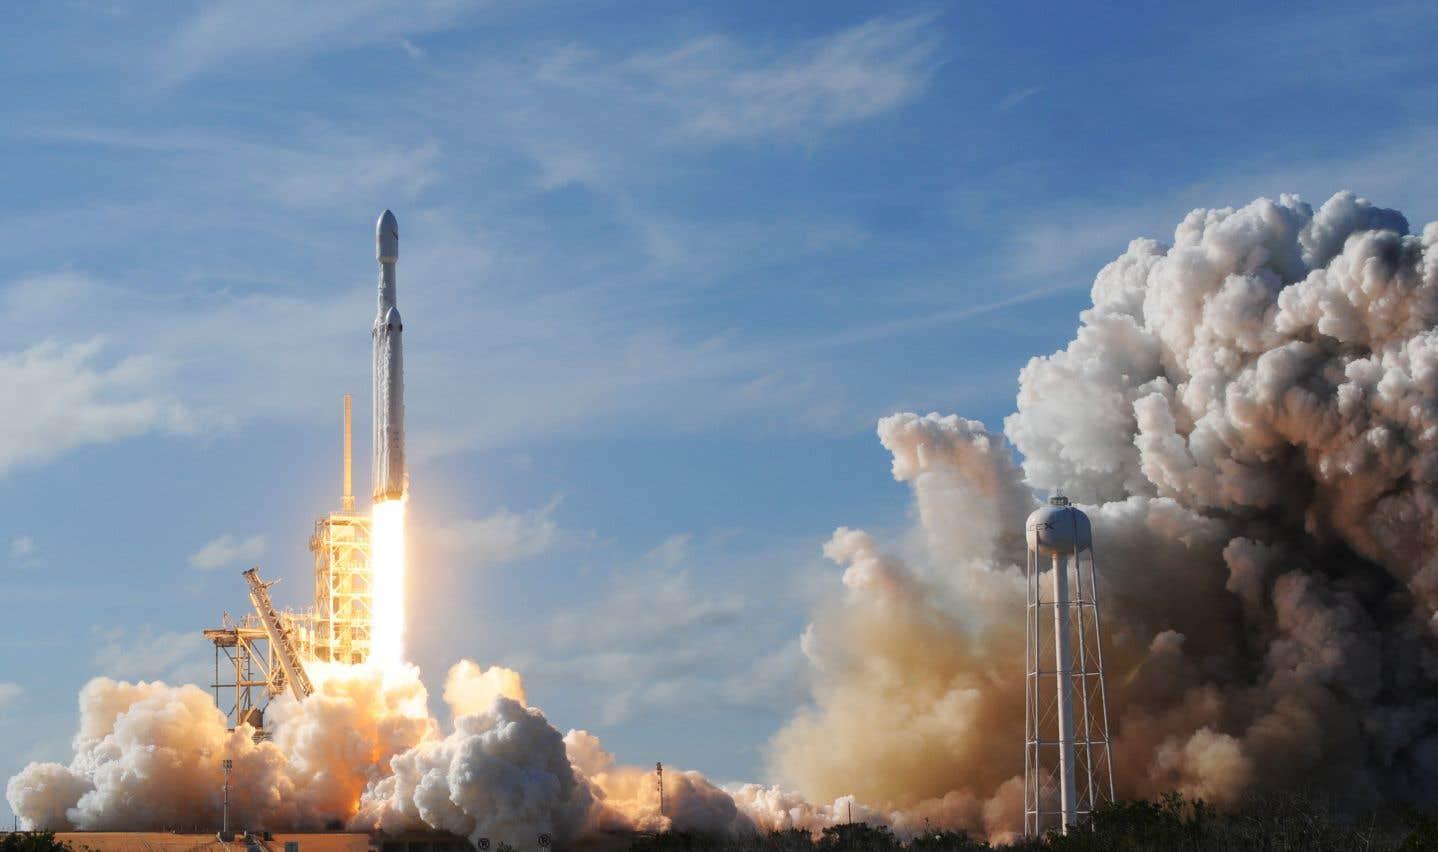 «J'adore l'idée d'une voiture dérivant apparemment à l'infini dans l'espace et qui sera peut-être découverte par une race extraterrestre dans des millions d'années», avait imaginé l'an dernier Elon Musk.